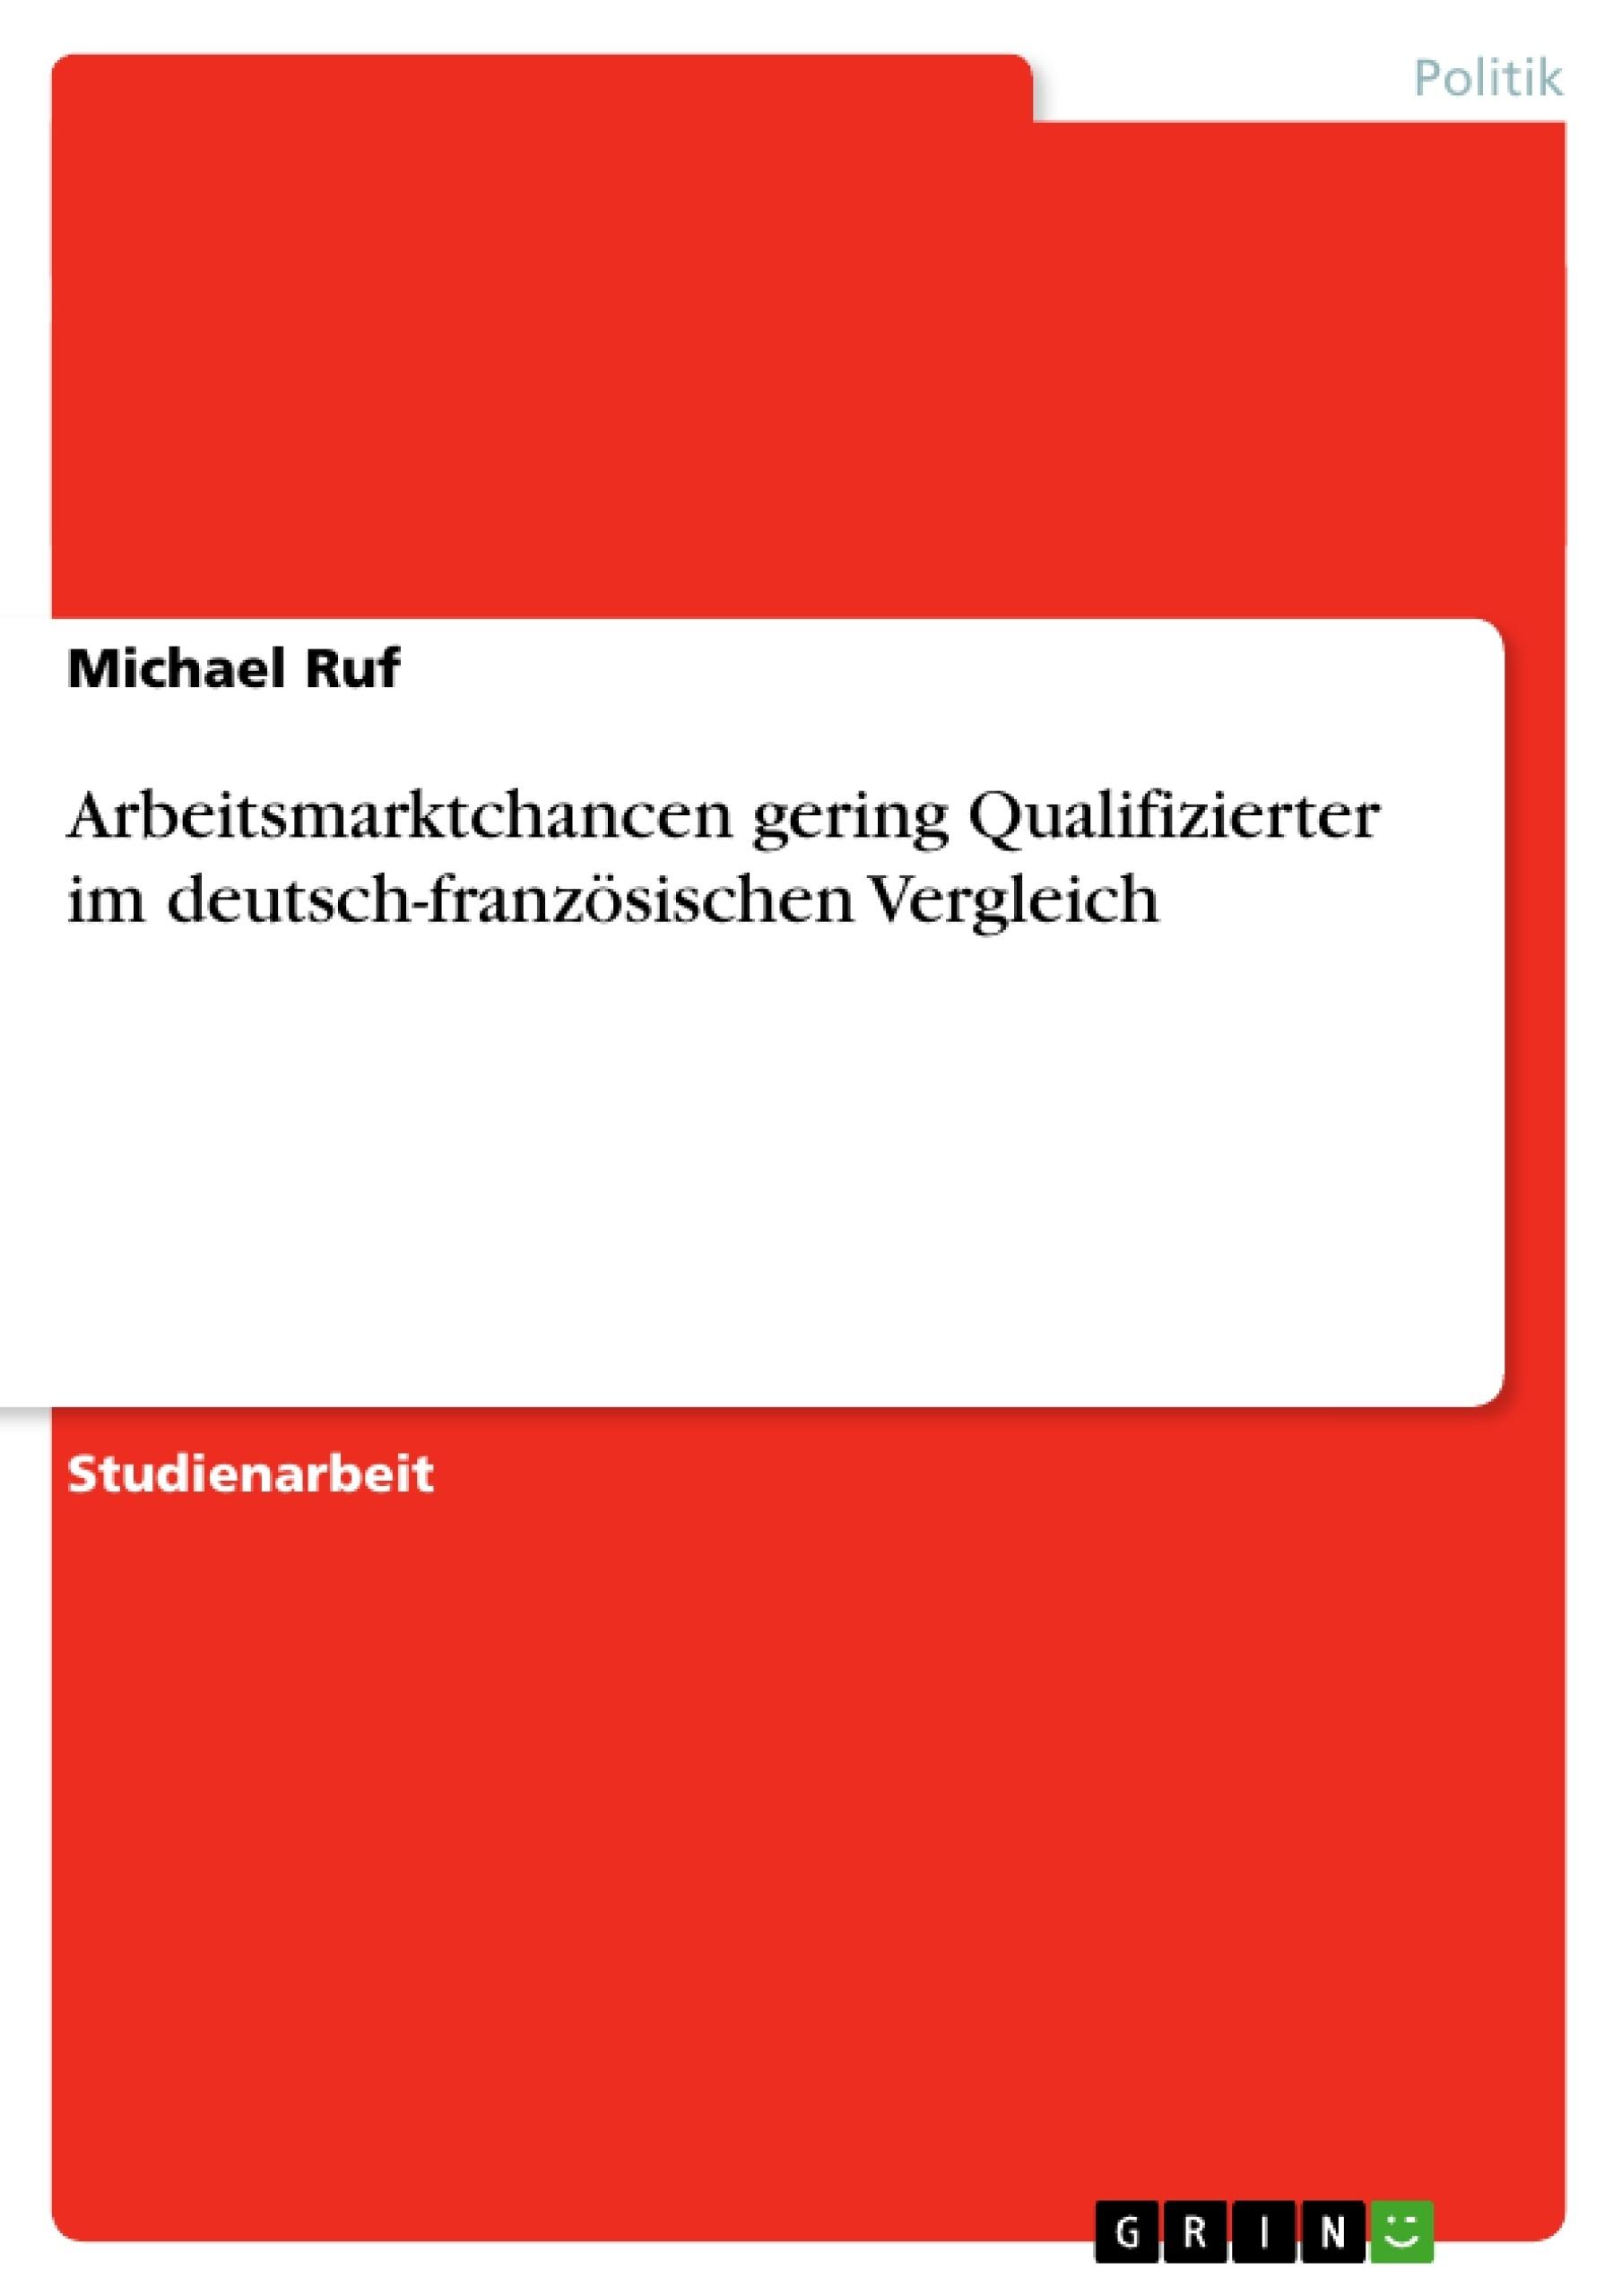 Titel: Arbeitsmarktchancen gering Qualifizierter im deutsch-französischen Vergleich